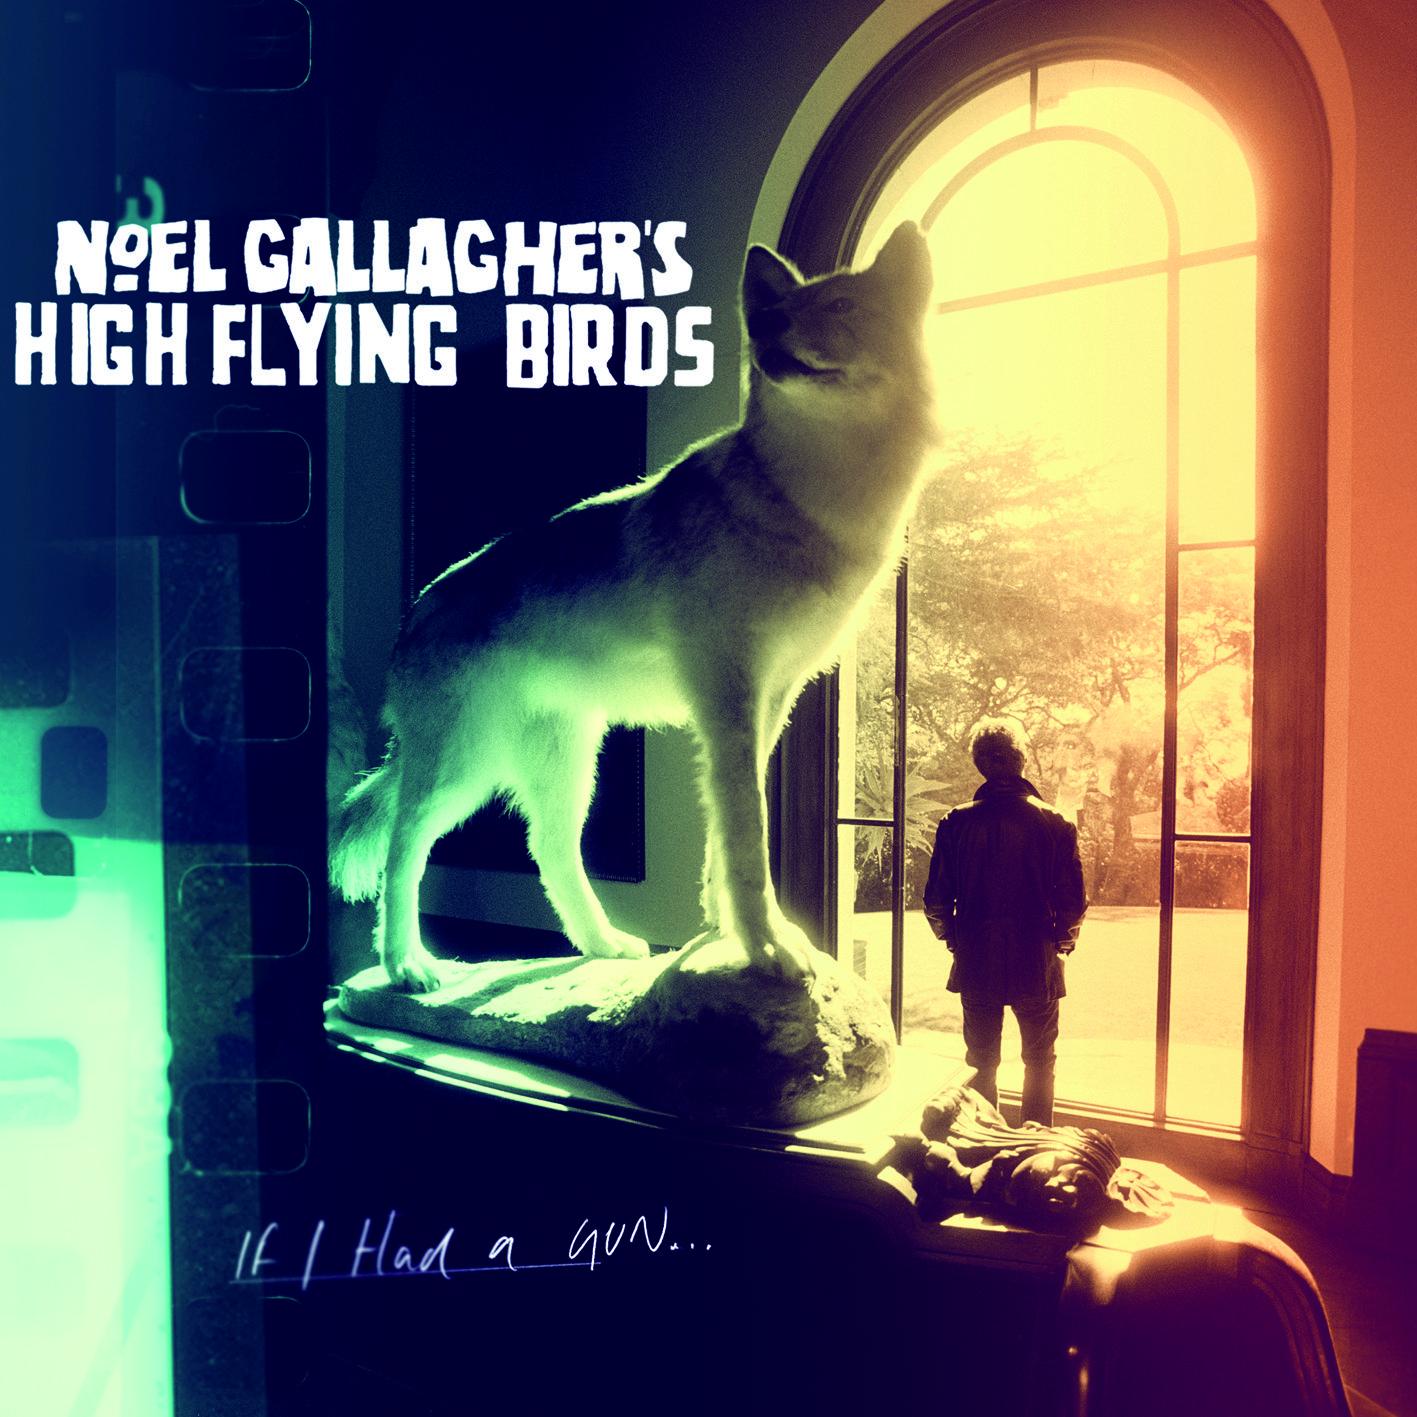 Noel Gallagher - If I Had A Gun